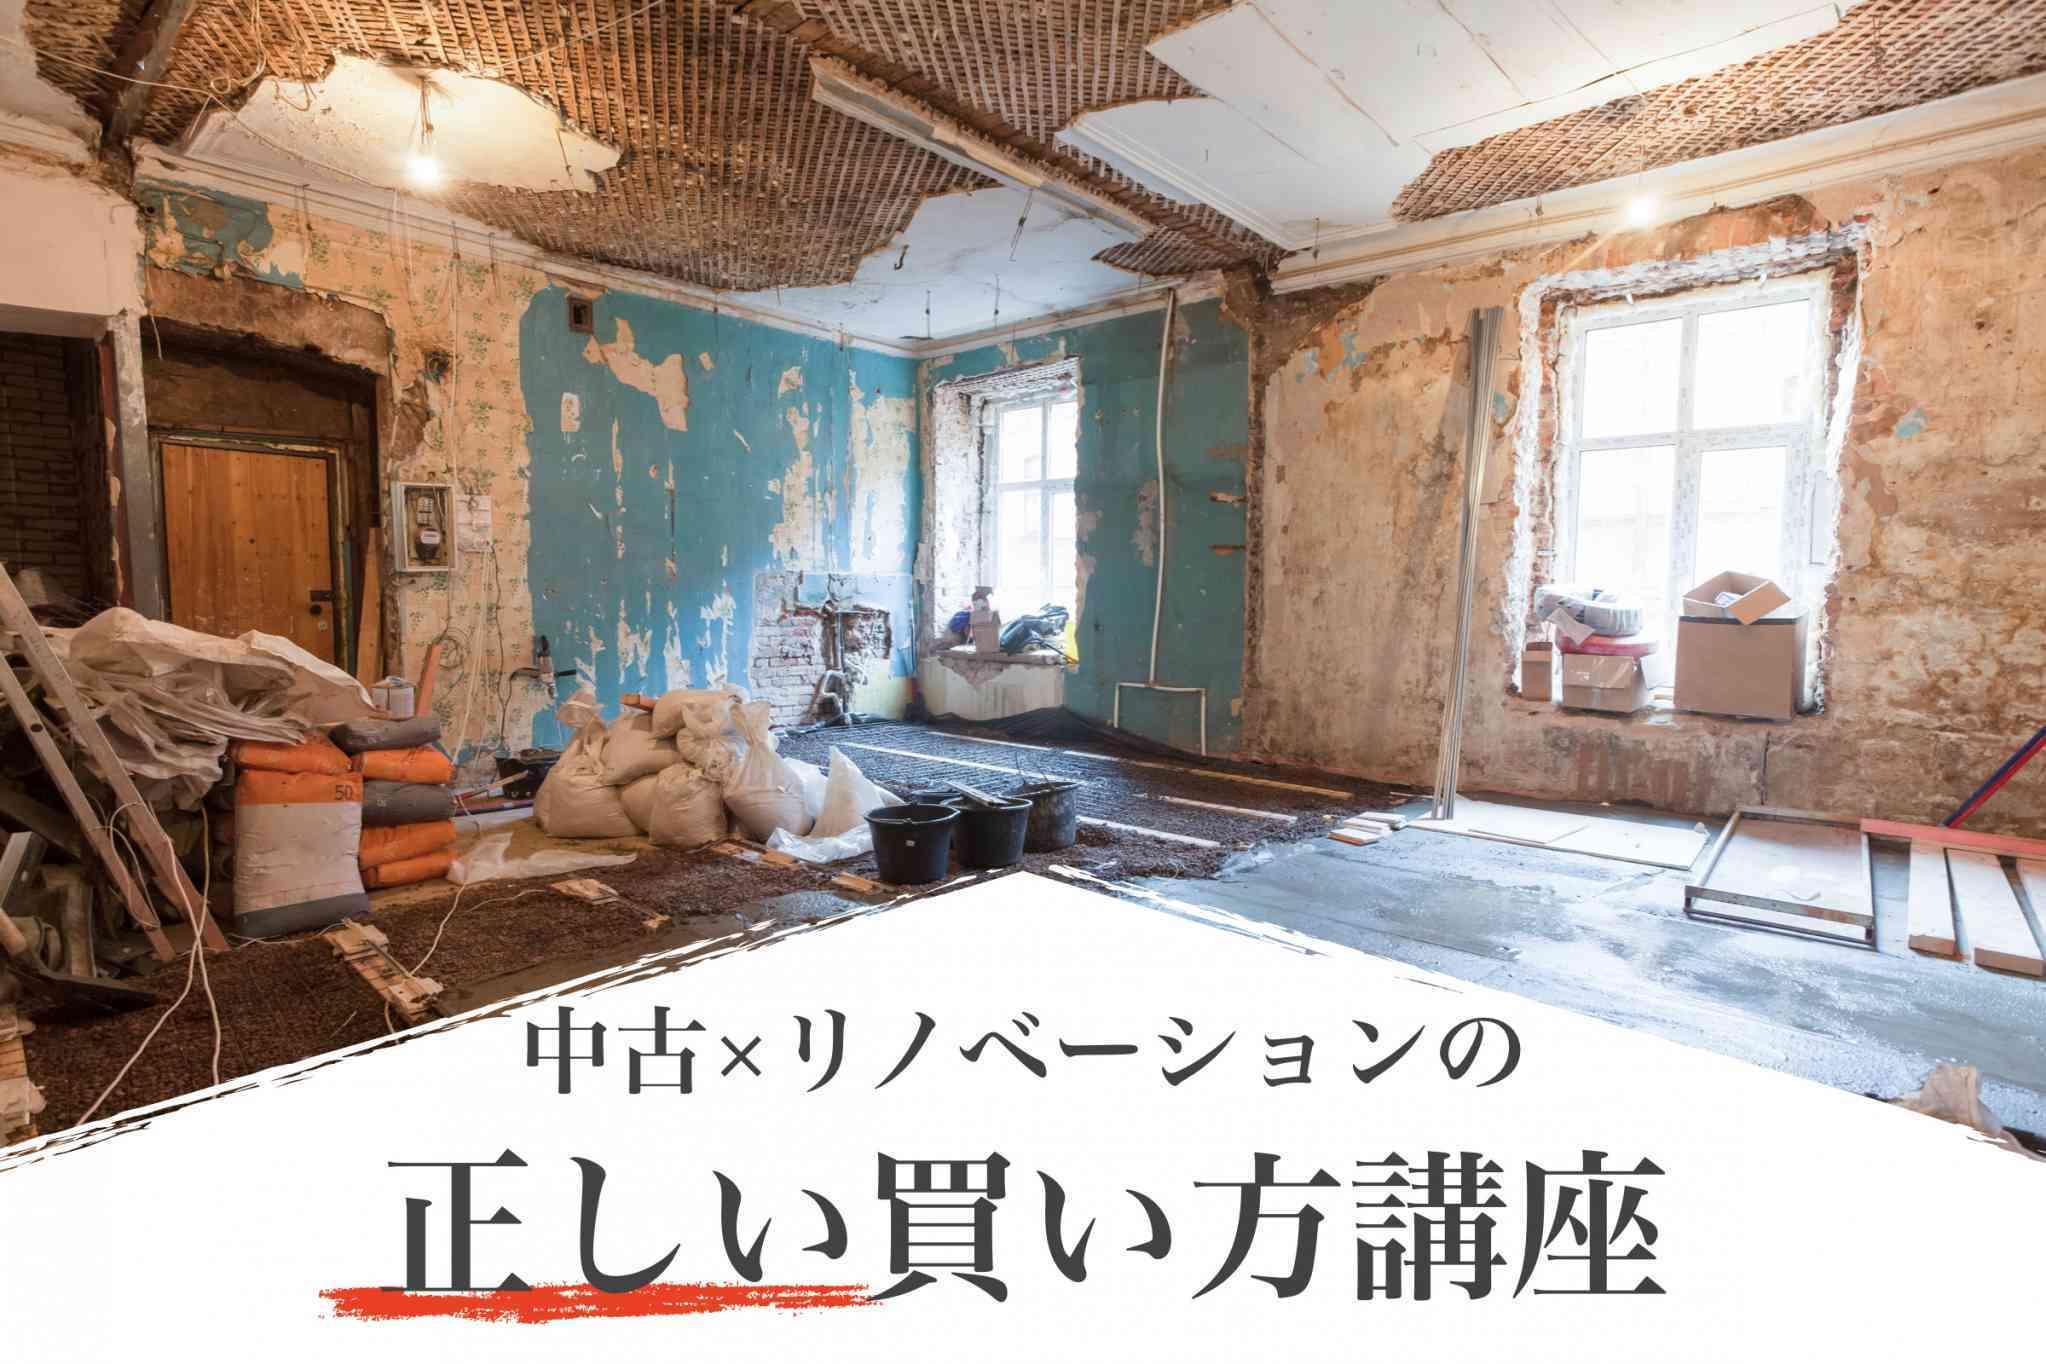 【中古・リノベーションの正しい買い方講座】